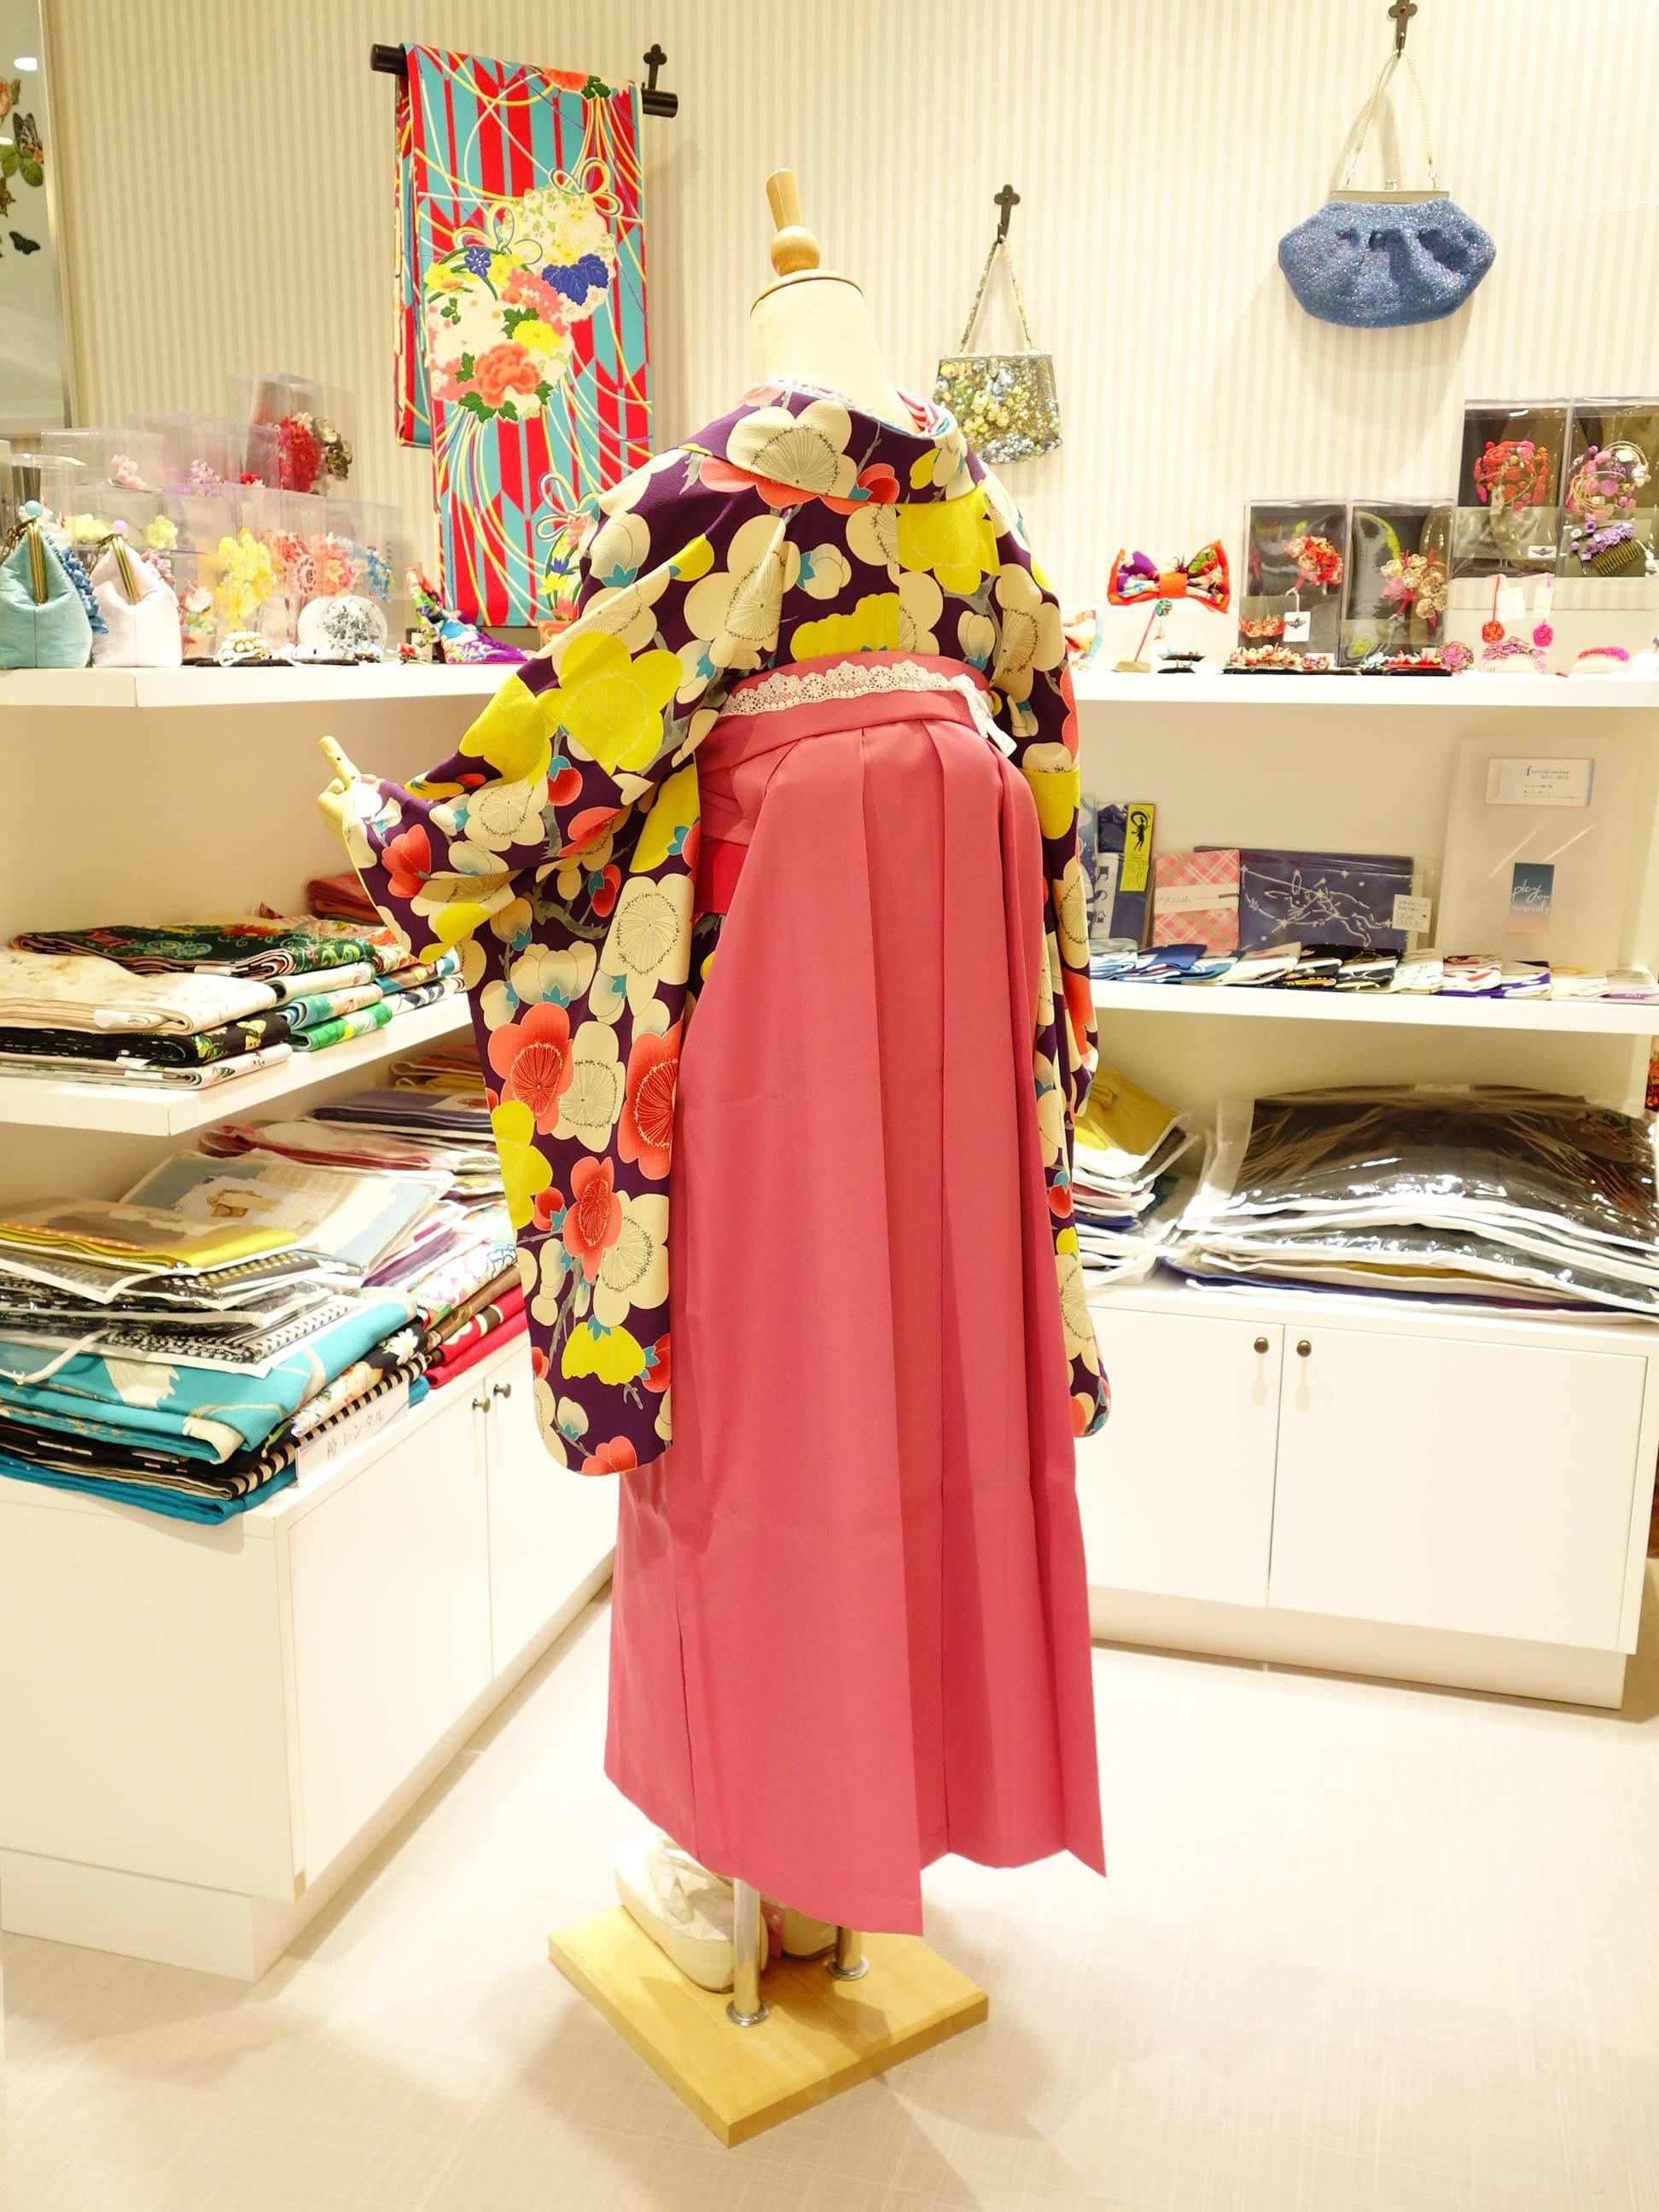 袴レンタル*紫梅×ピンク袴バージョン_e0167832_20274252.jpg